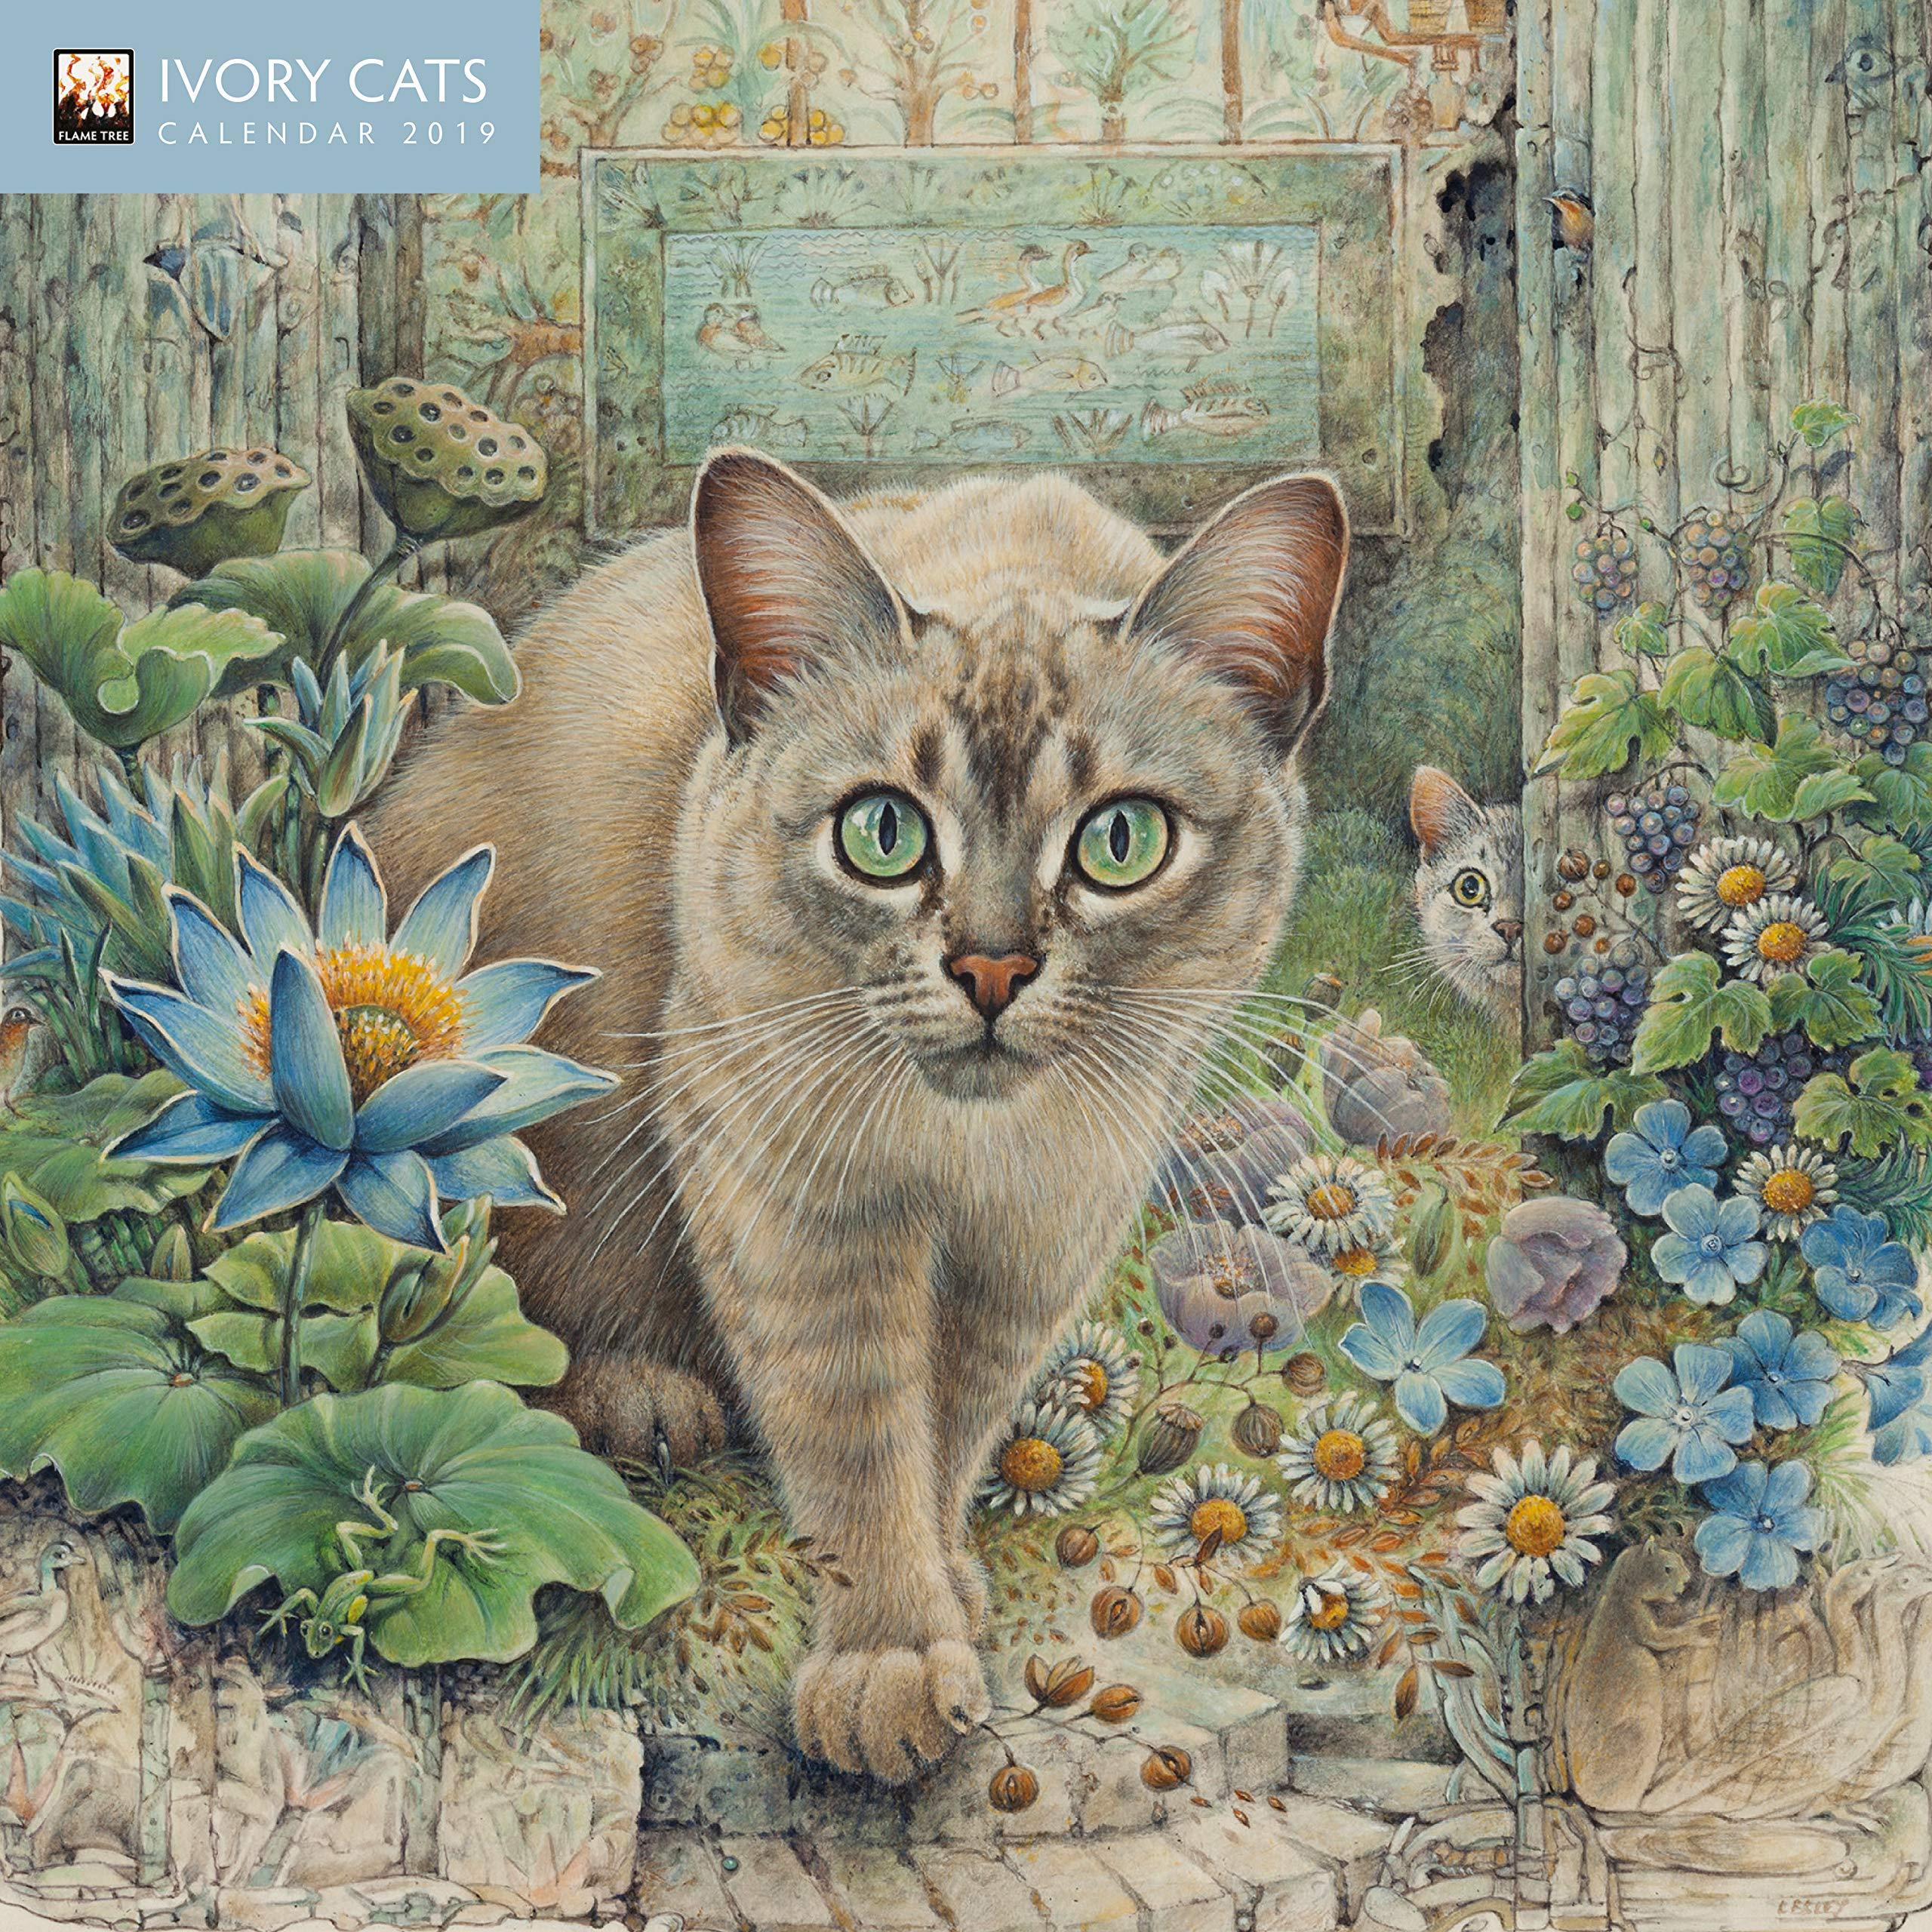 Mini calendario 2019 gatos en el arte Ivory (ft) – Pintura de gato – artista Lesley Anne Ivory + incluye un – Agenda de bolsillo 2019: Amazon.es: Oficina y papelería